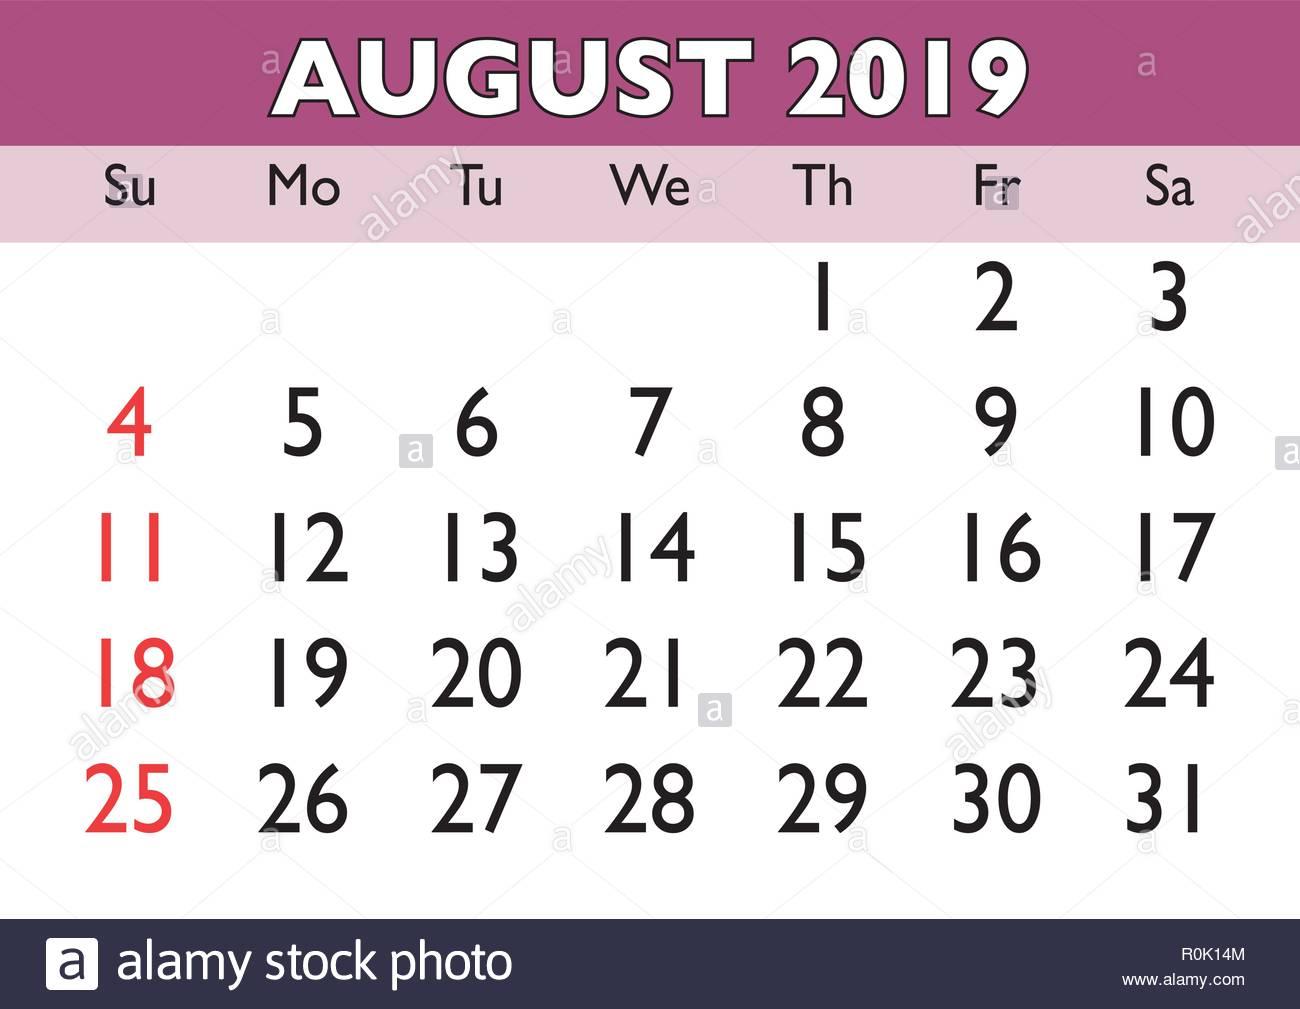 Agosto Calendario.2019 Calendario Mese Di Agosto Vettore Calendario